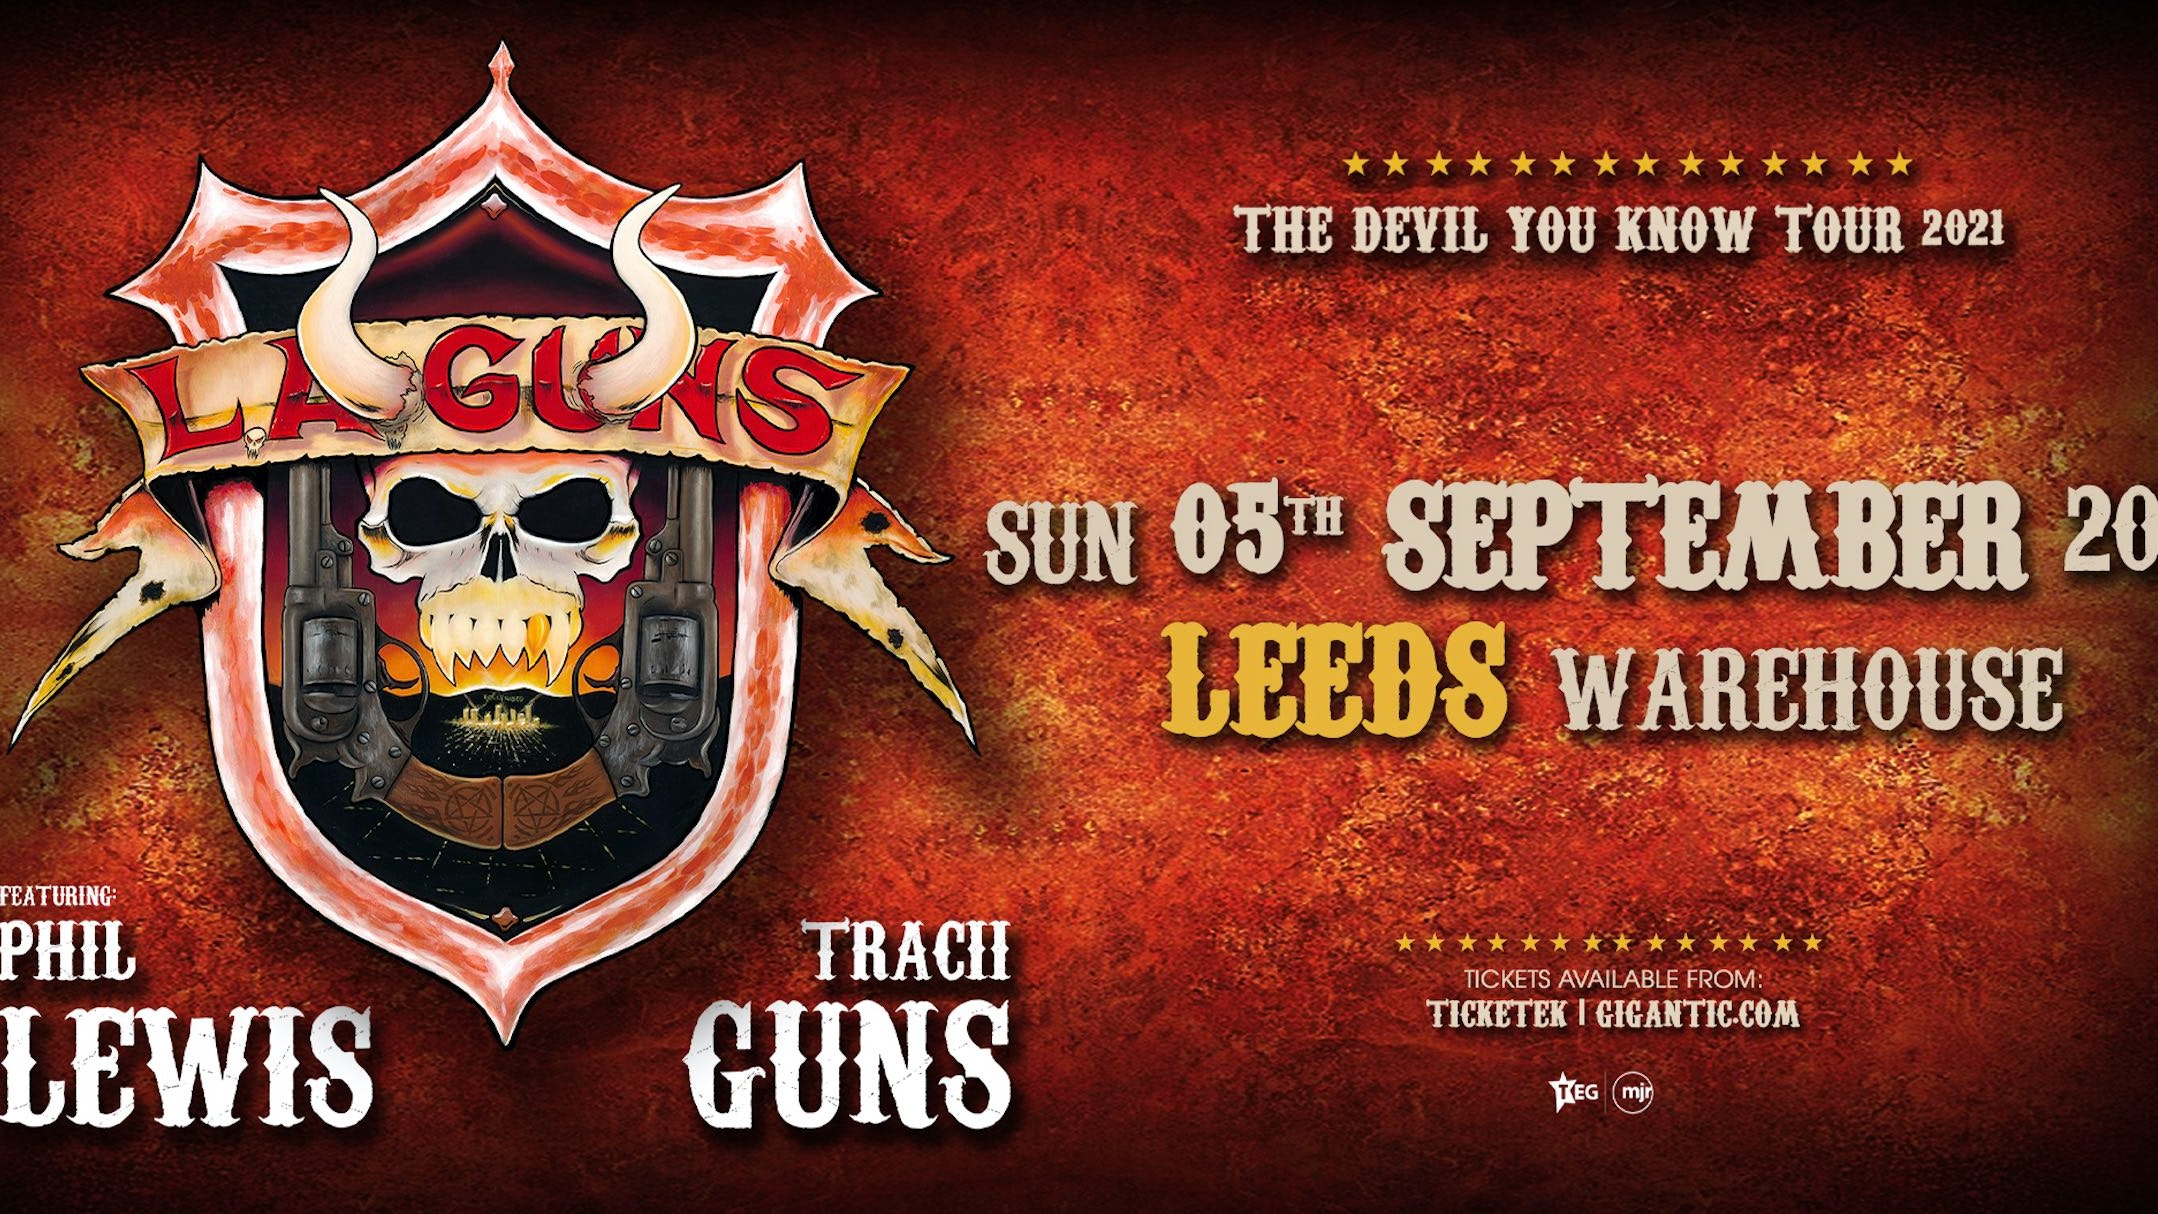 L.A GUNS – featuring Phil Lewis & Tracii Guns – LIVE